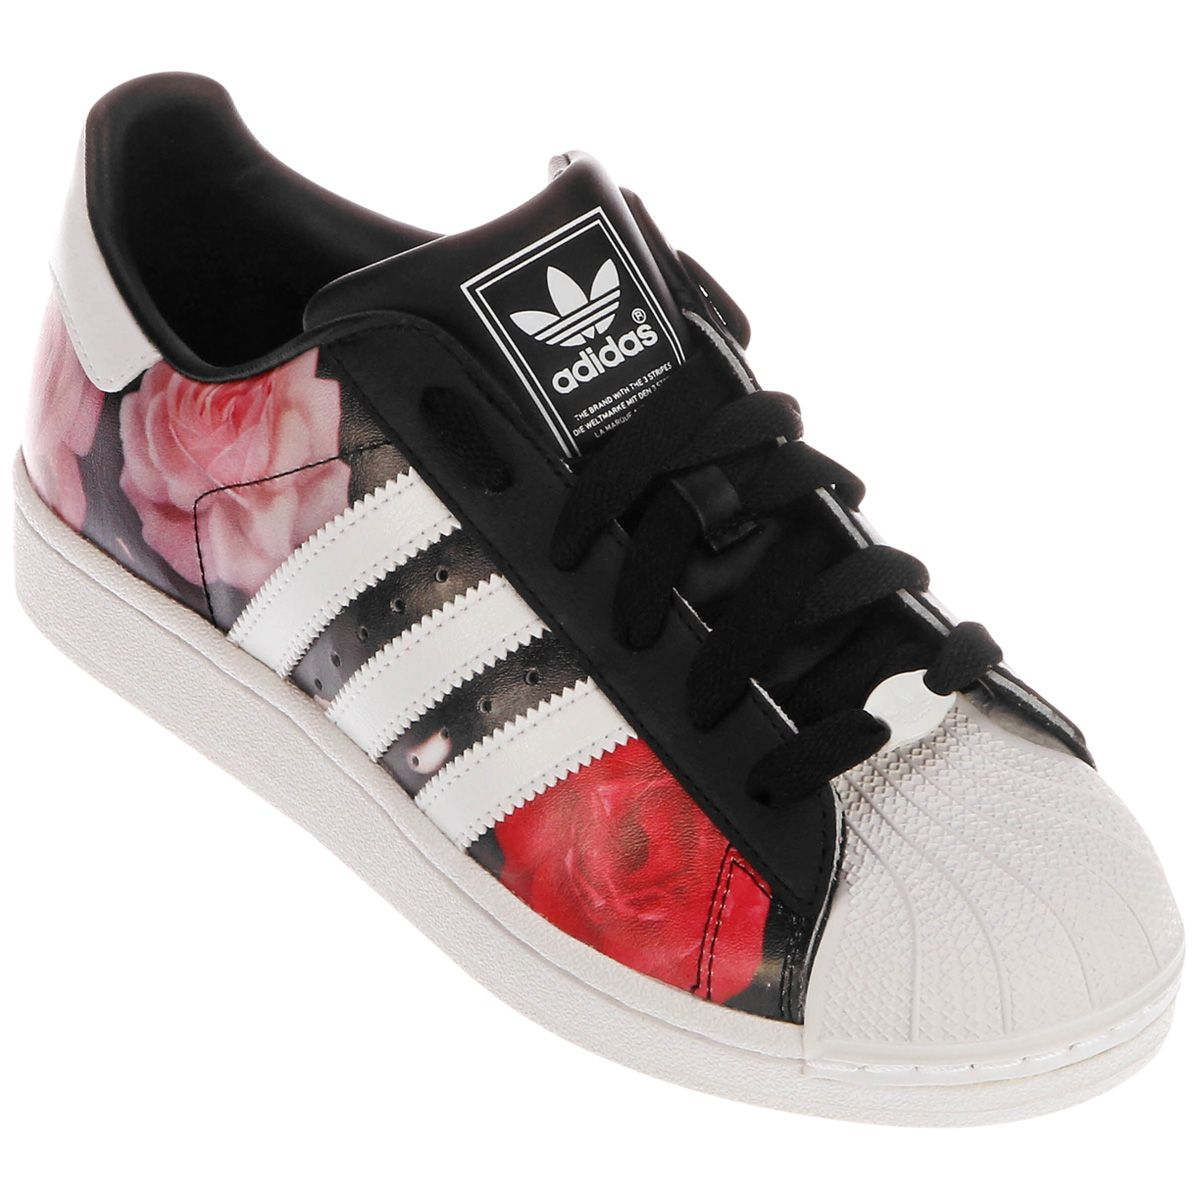 Netshoes - Tênis Adidas Star 2